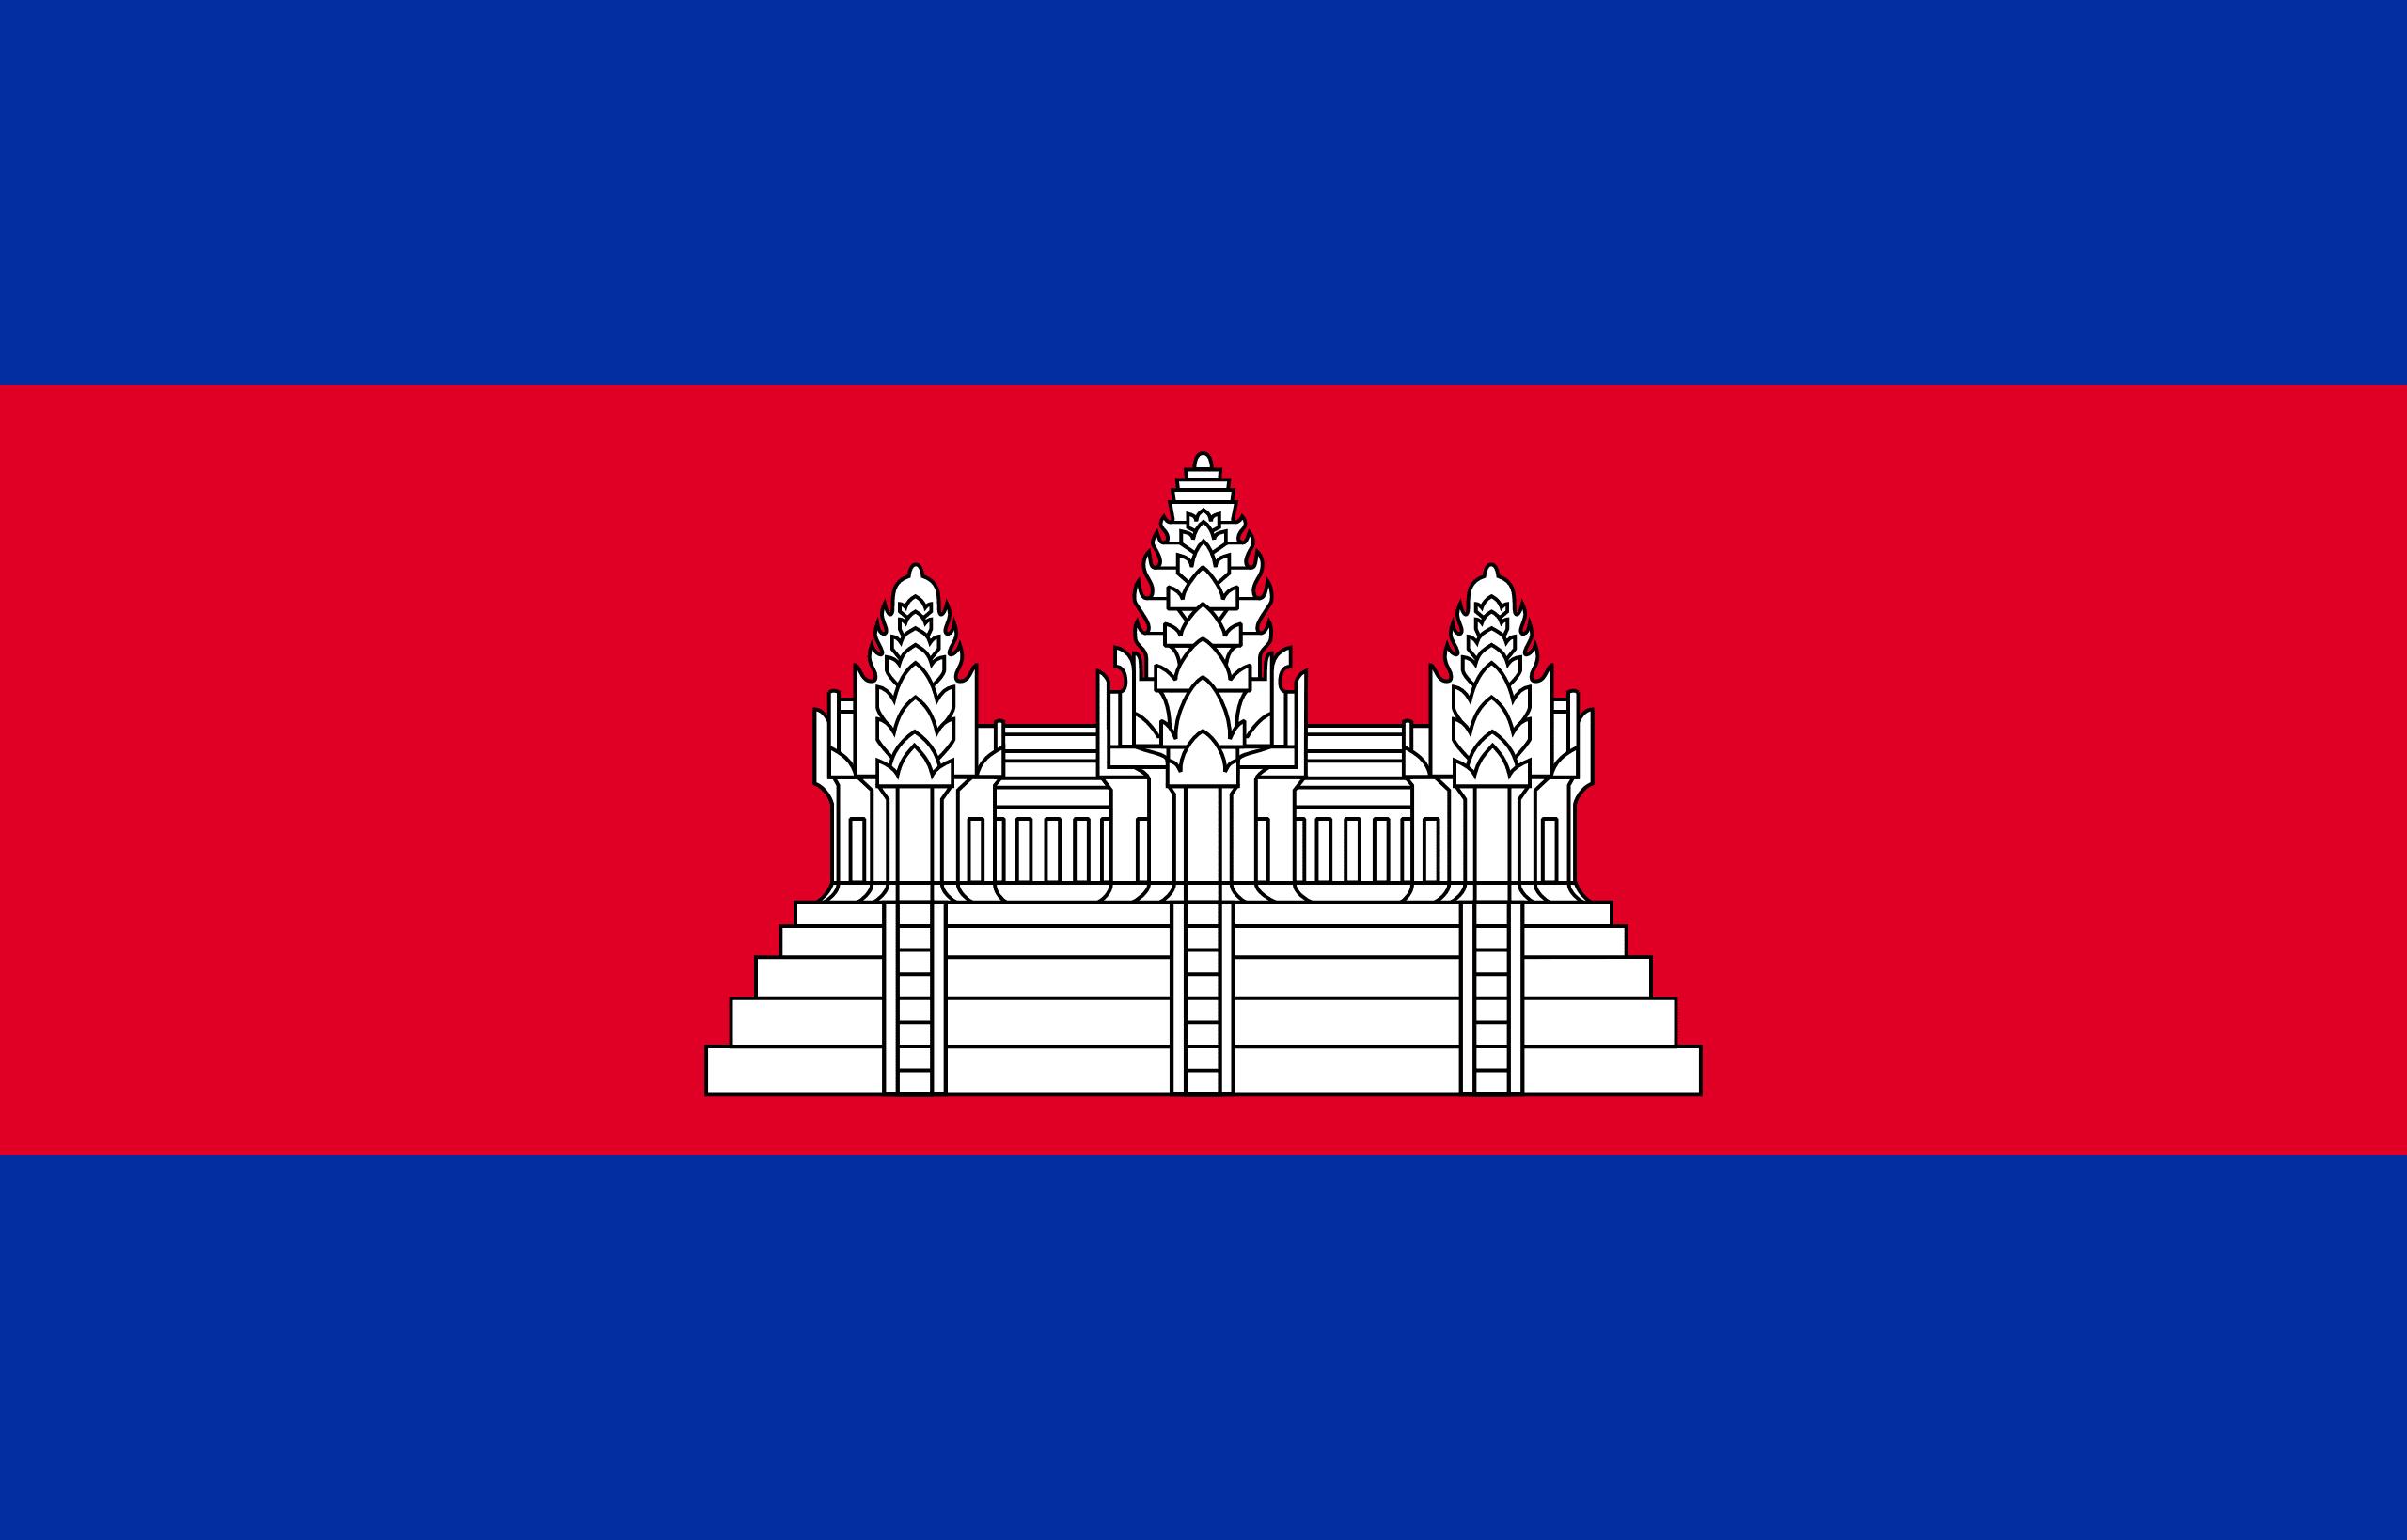 Kamboçya'nın Başkenti ve Para Birimi Nedir? Kamboçya'nın Bayrağı Nasıldır?